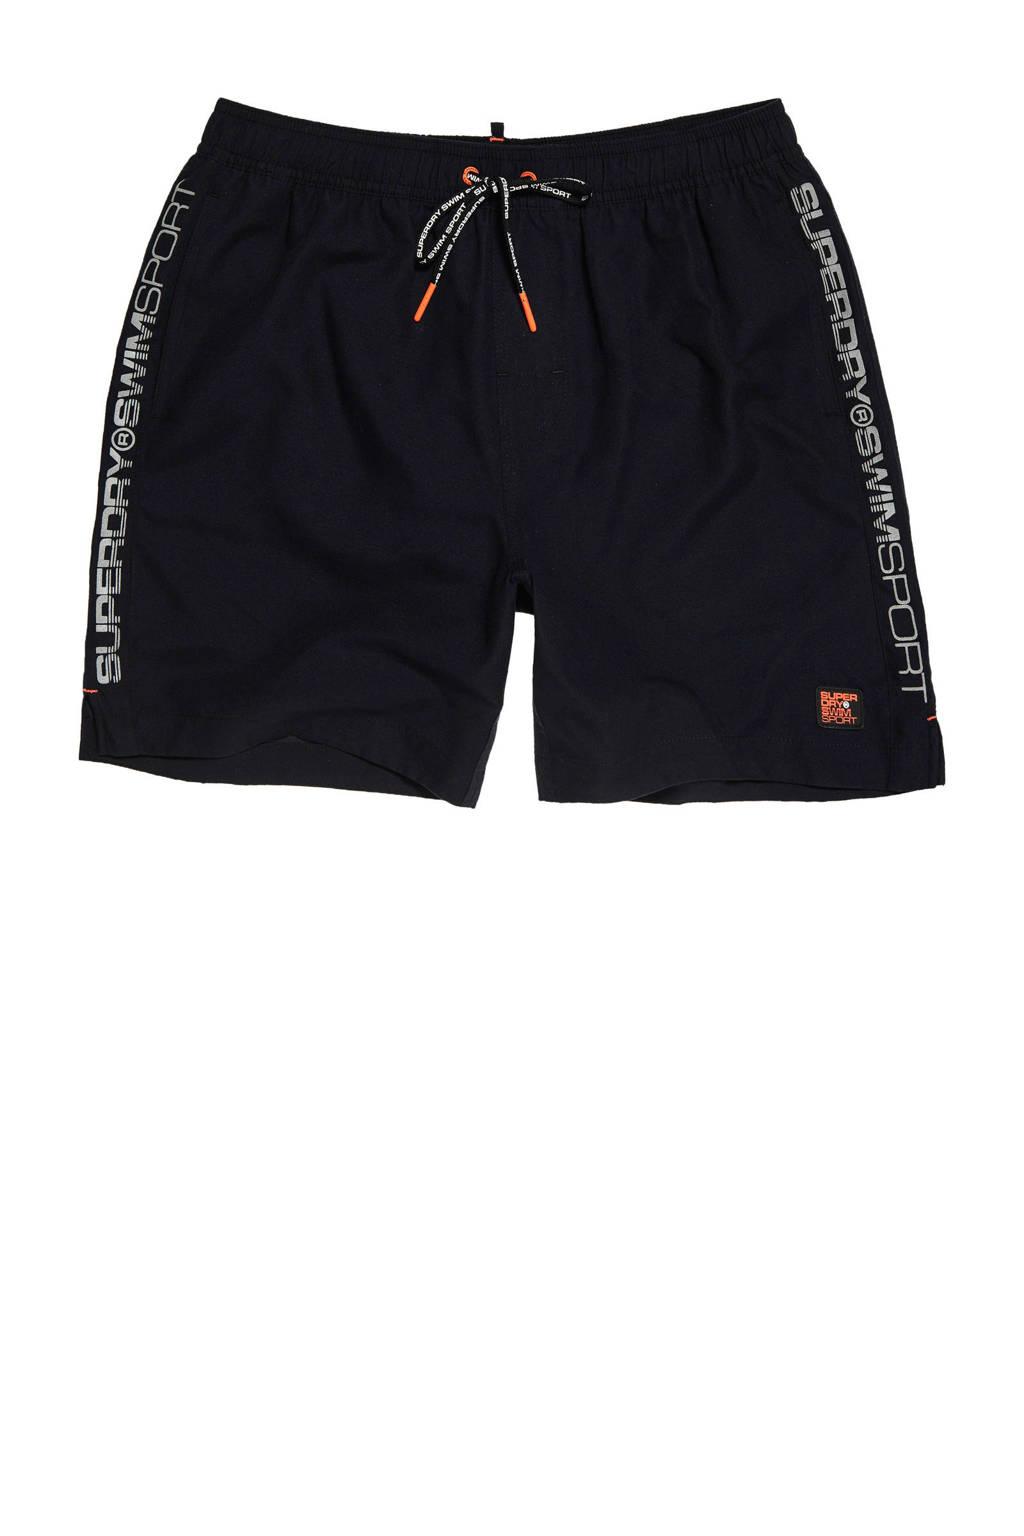 Superdry Sport zwemshort zwart, Zwart